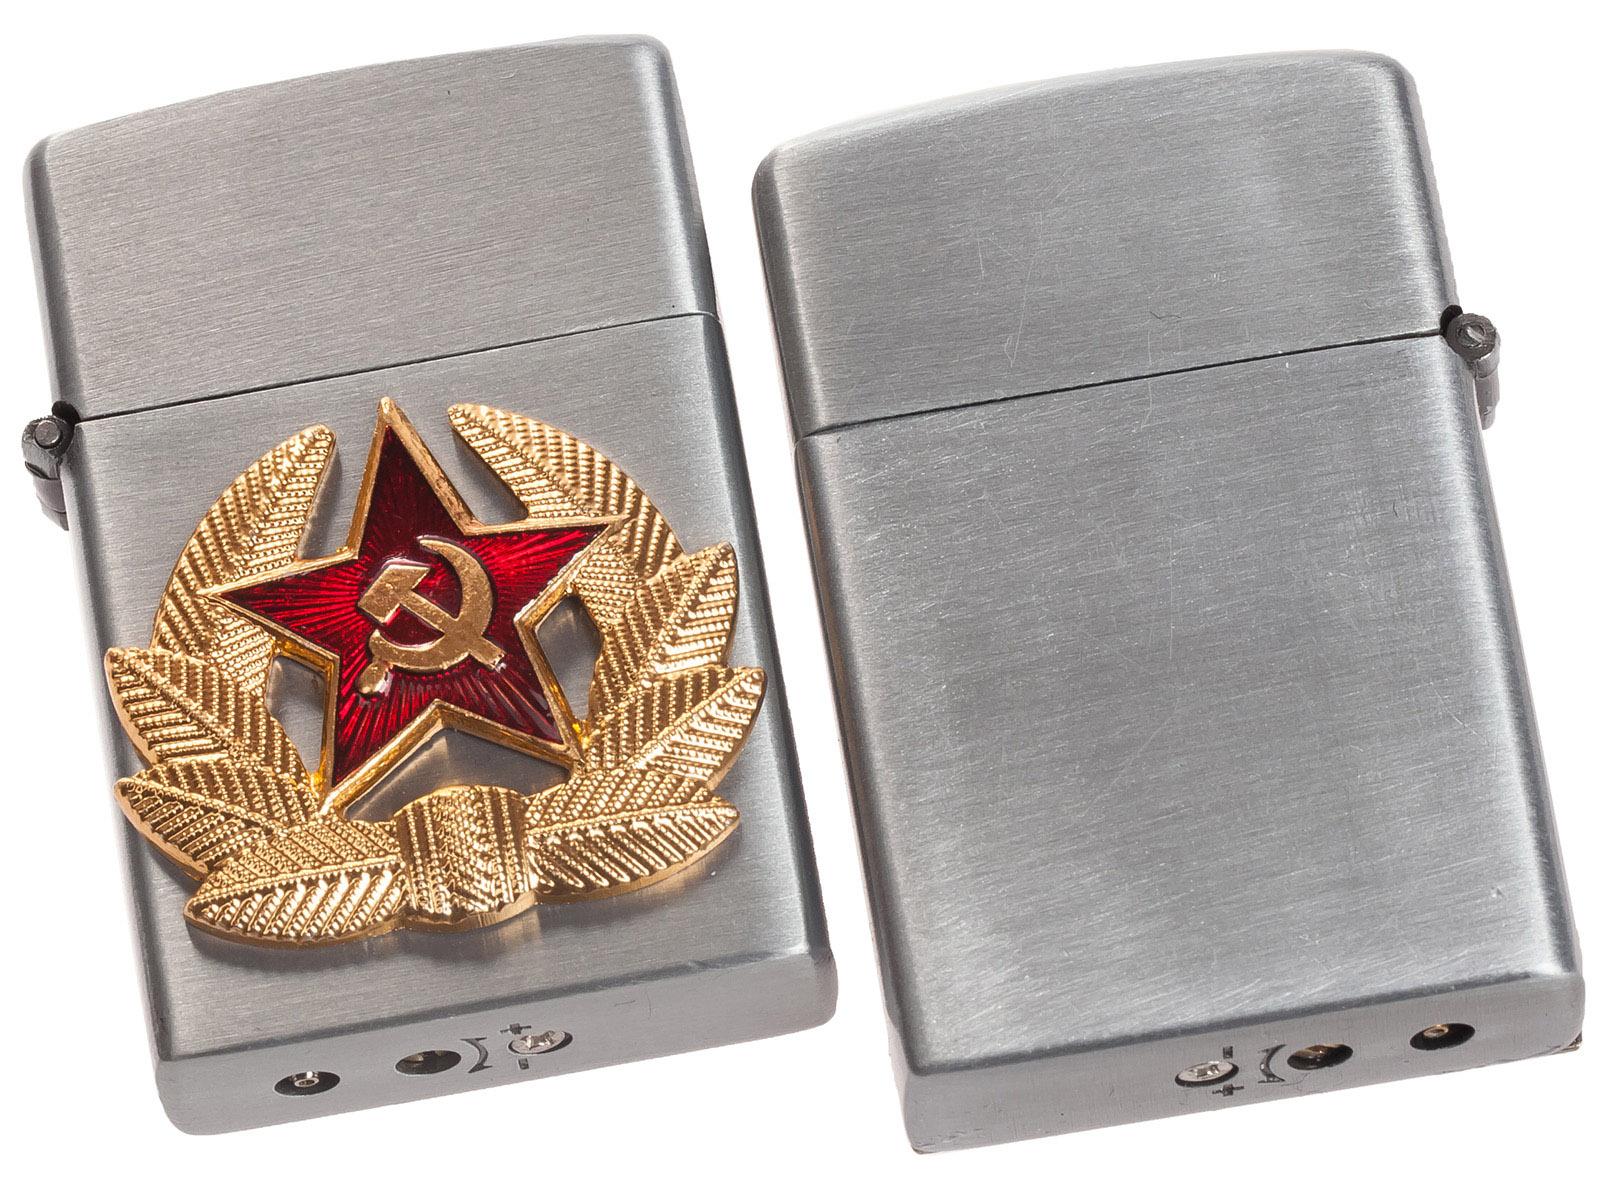 Армейская зажигалка с кокардой СА по лучшей цене